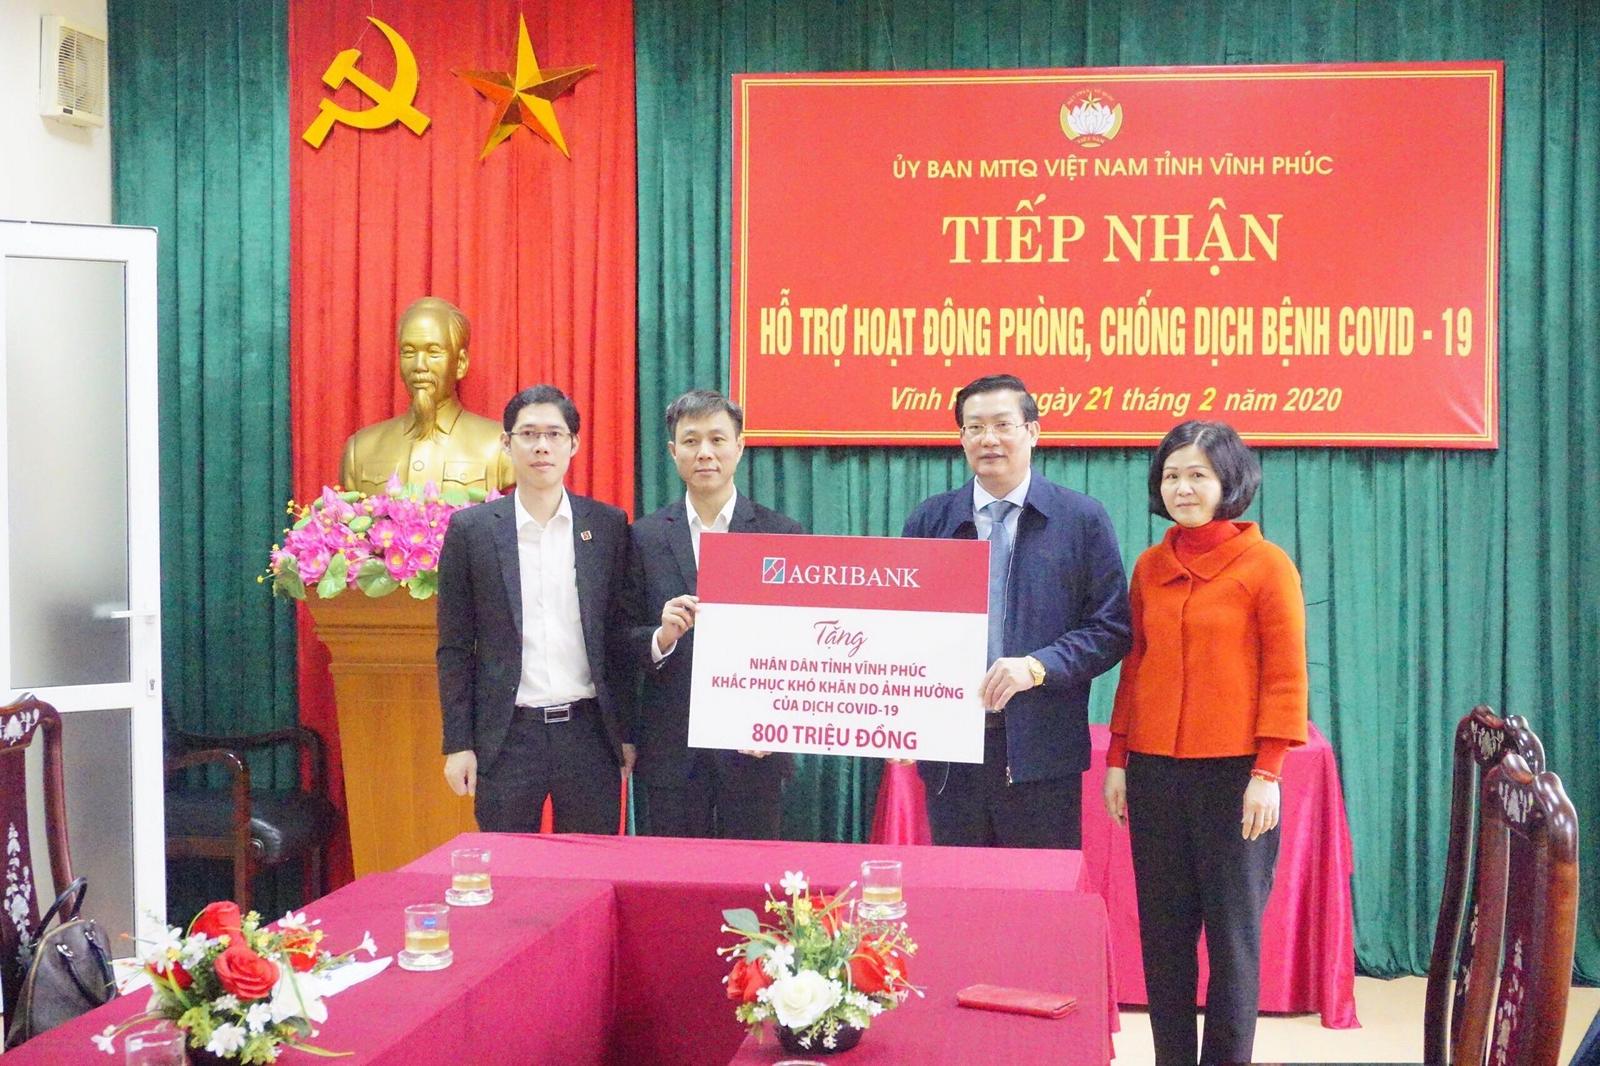 Agribank tặng nhân dân tỉnh Vĩnh Phúc 800 triệu đồng phòng chống dịch Covid-19